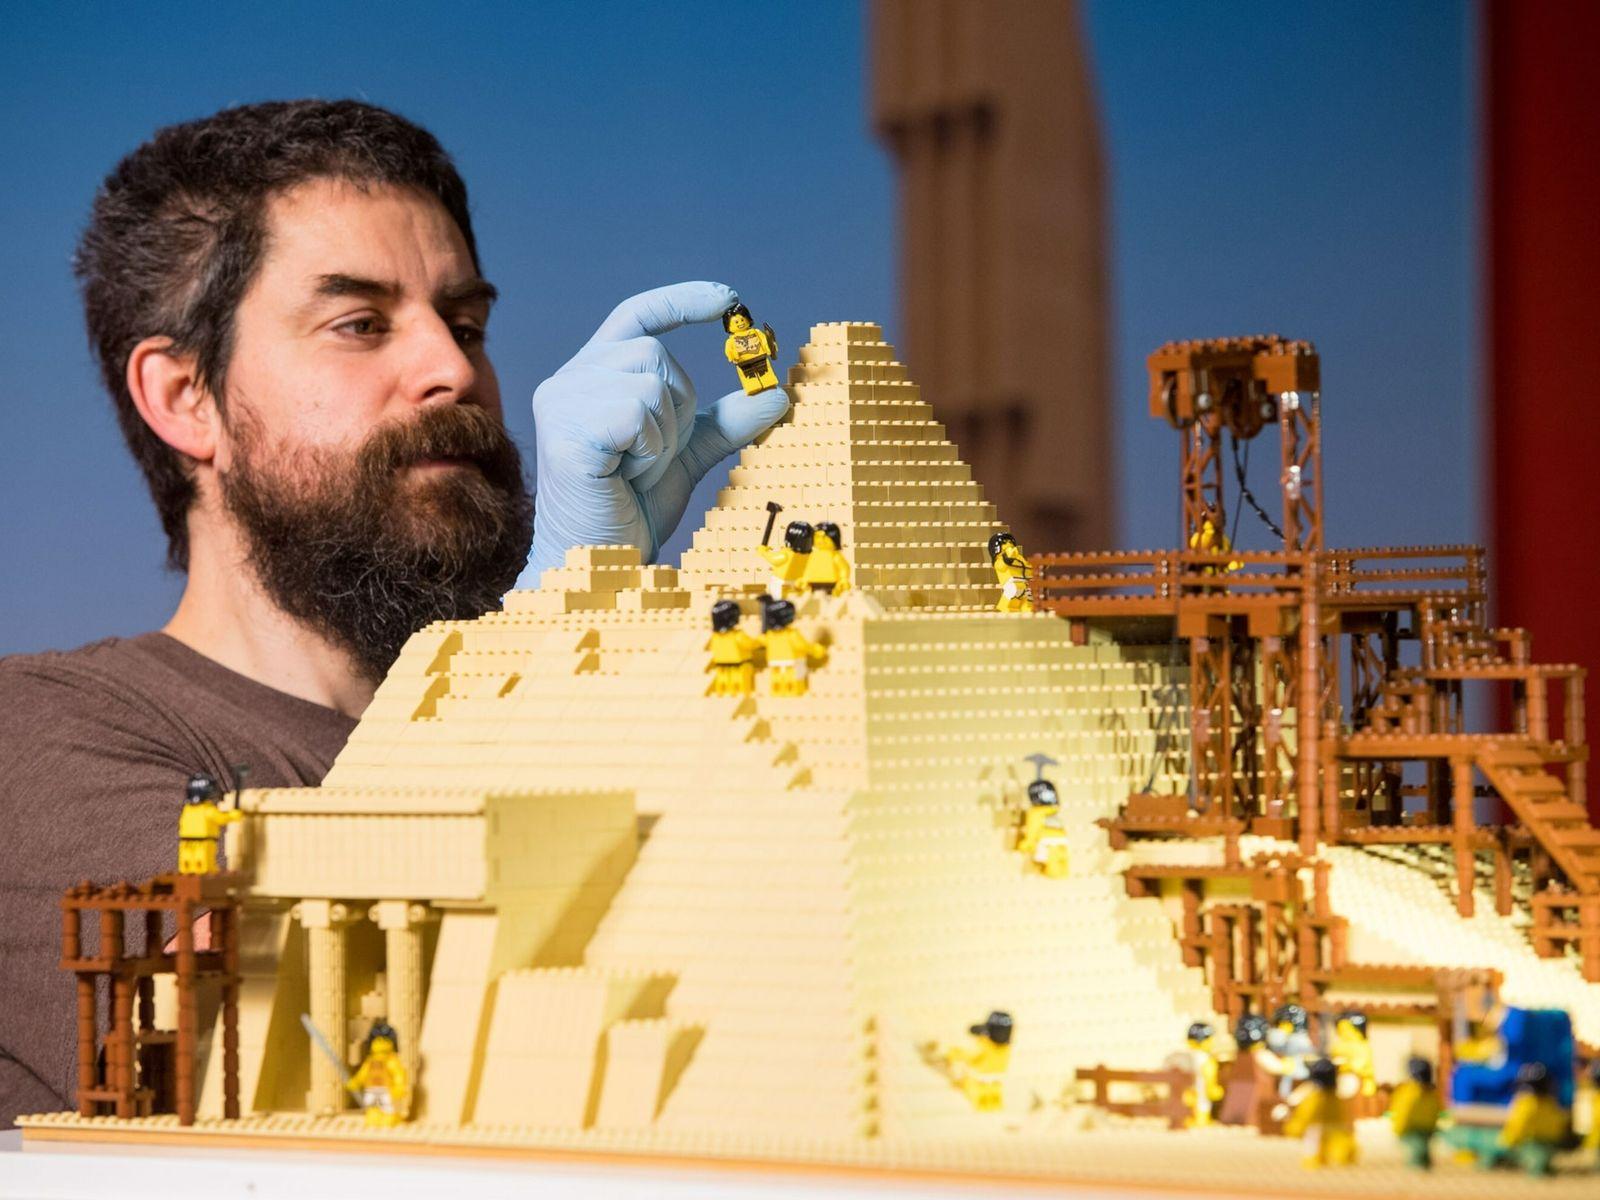 Adultos fãs de Lego como Phil Sofer, mostrado na imagem montando um modelo da Grande Pirâmide ...